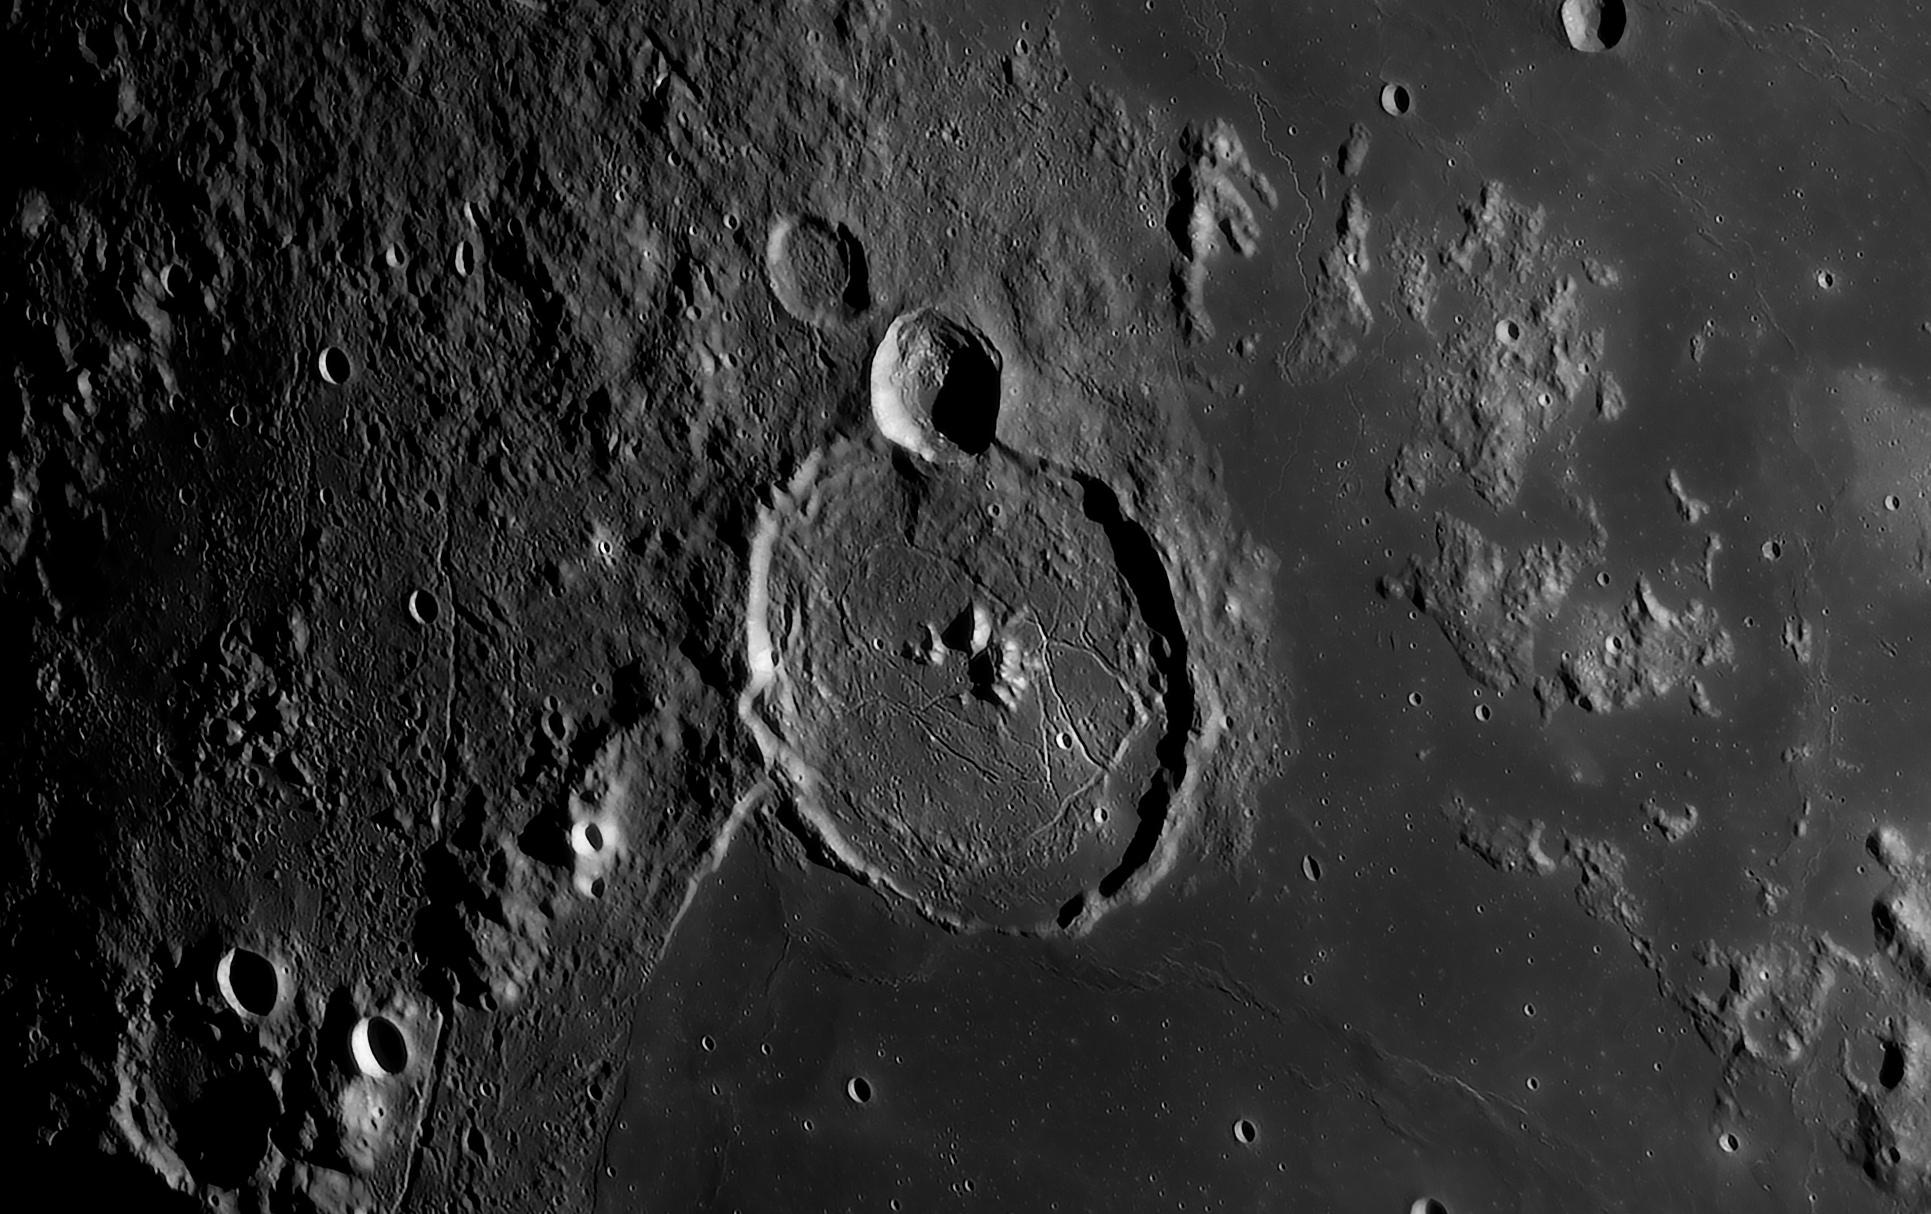 Gassendi le 4 Avril 2020 au C14: 350 images, caméra 174mm, FFC Baader, ADC Pierro Astro et filtre Astronomik rouge 2c